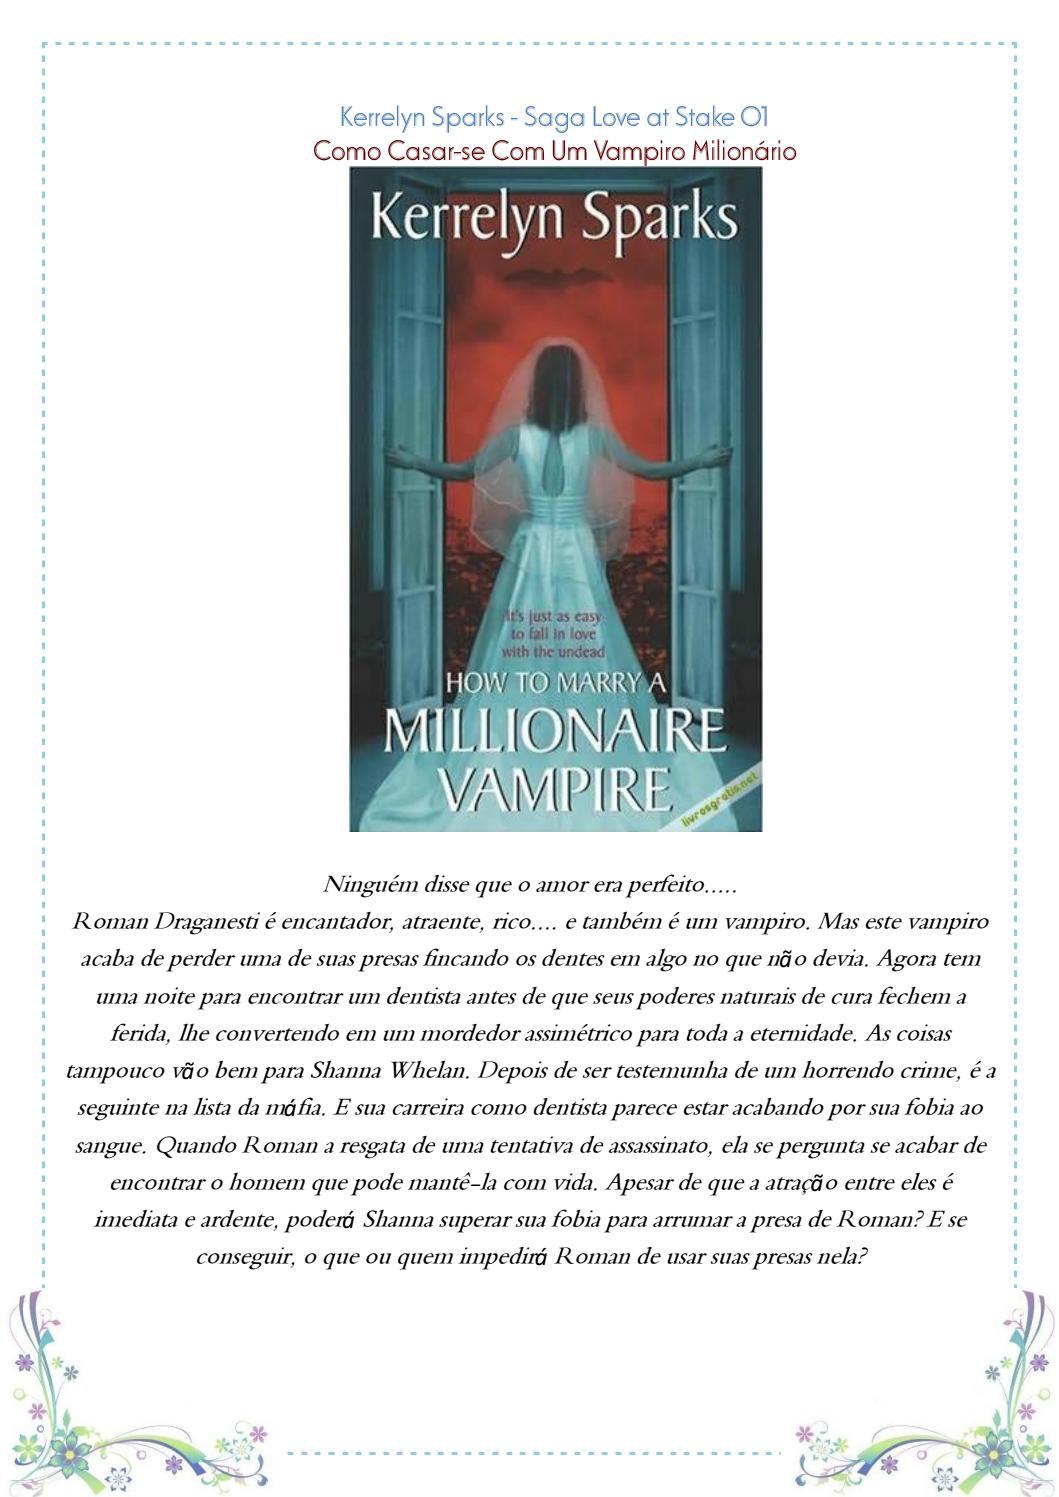 01 como se casar com um vampiro milionario by rafaelasilva4 - issuu 3e26c21b221